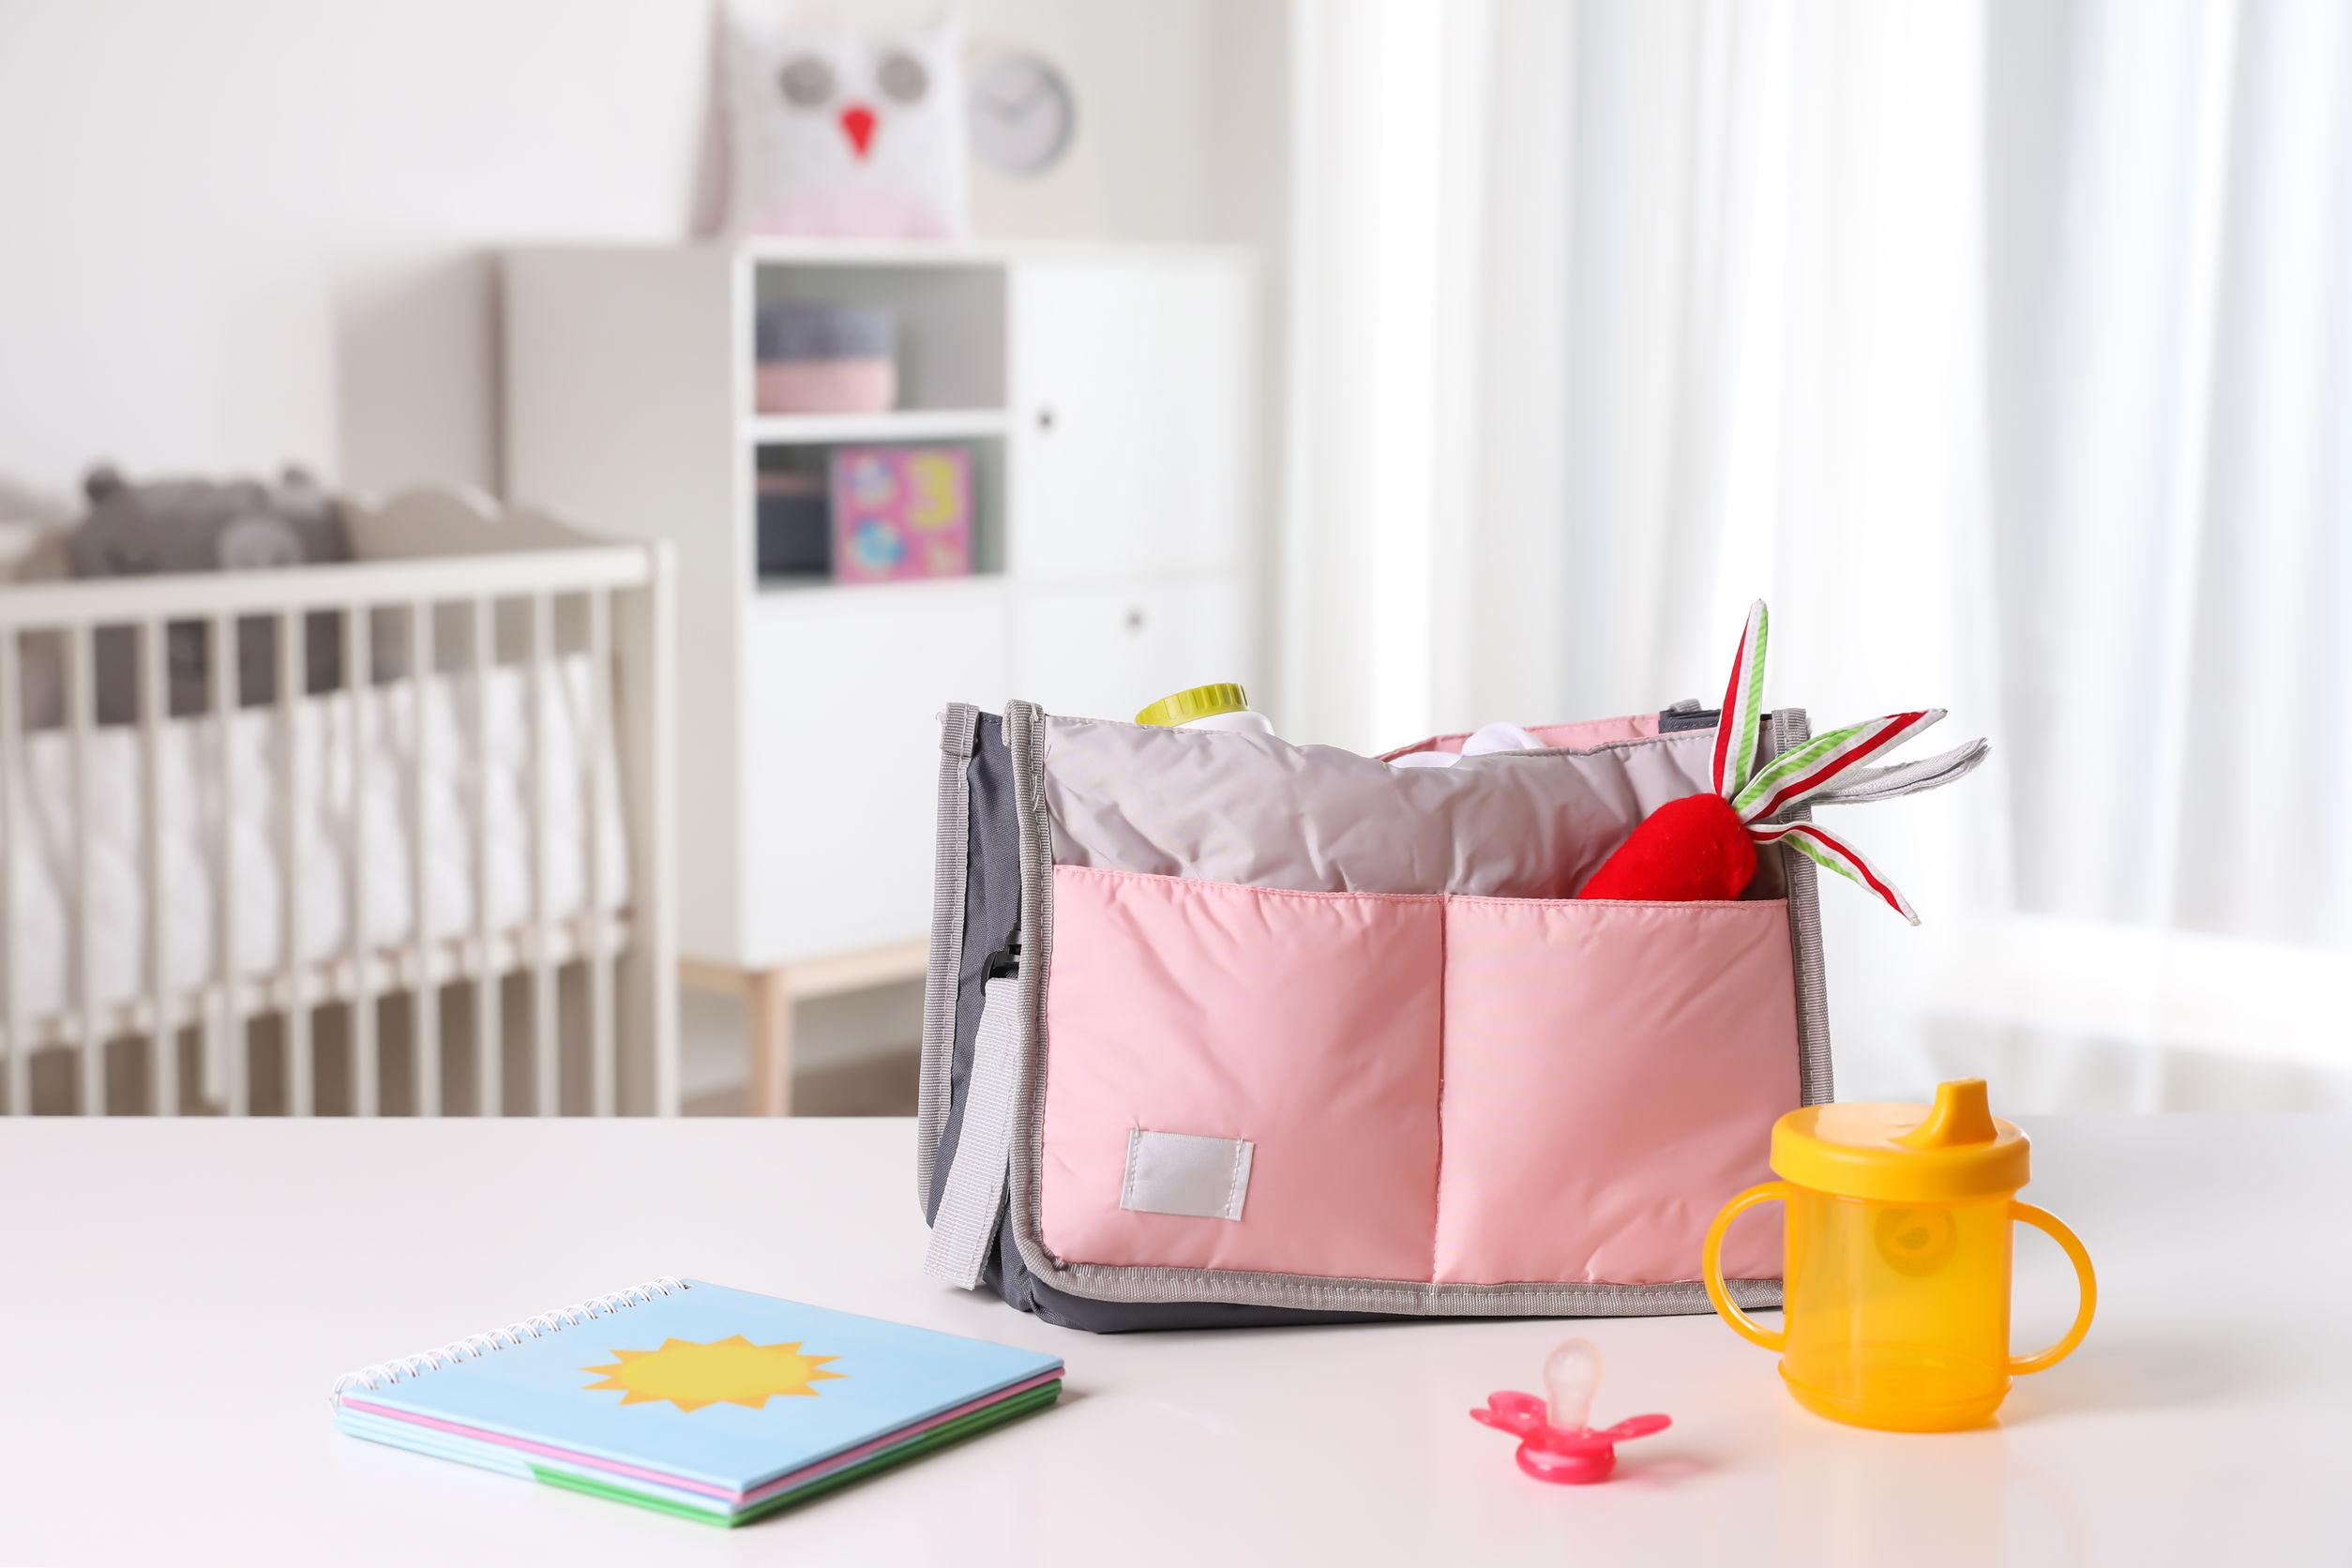 Bolsa de bebê sobre bancada em quarto do bebê.